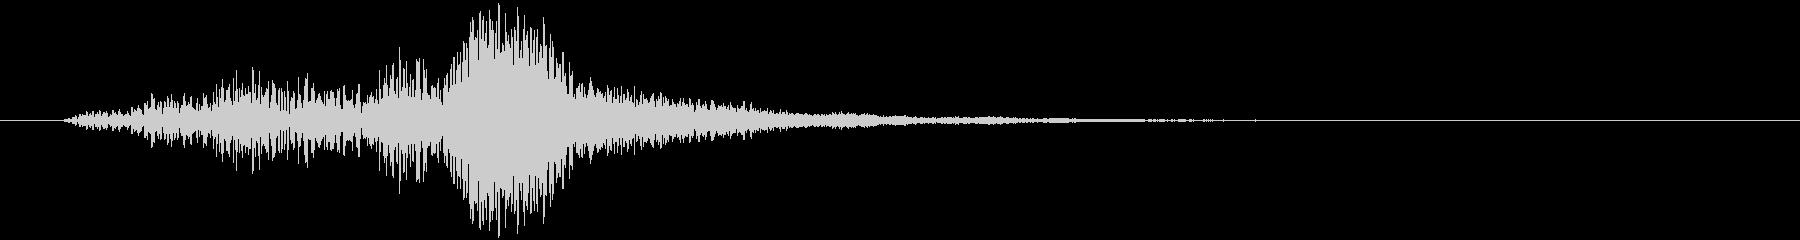 怪しいベルの音1の未再生の波形